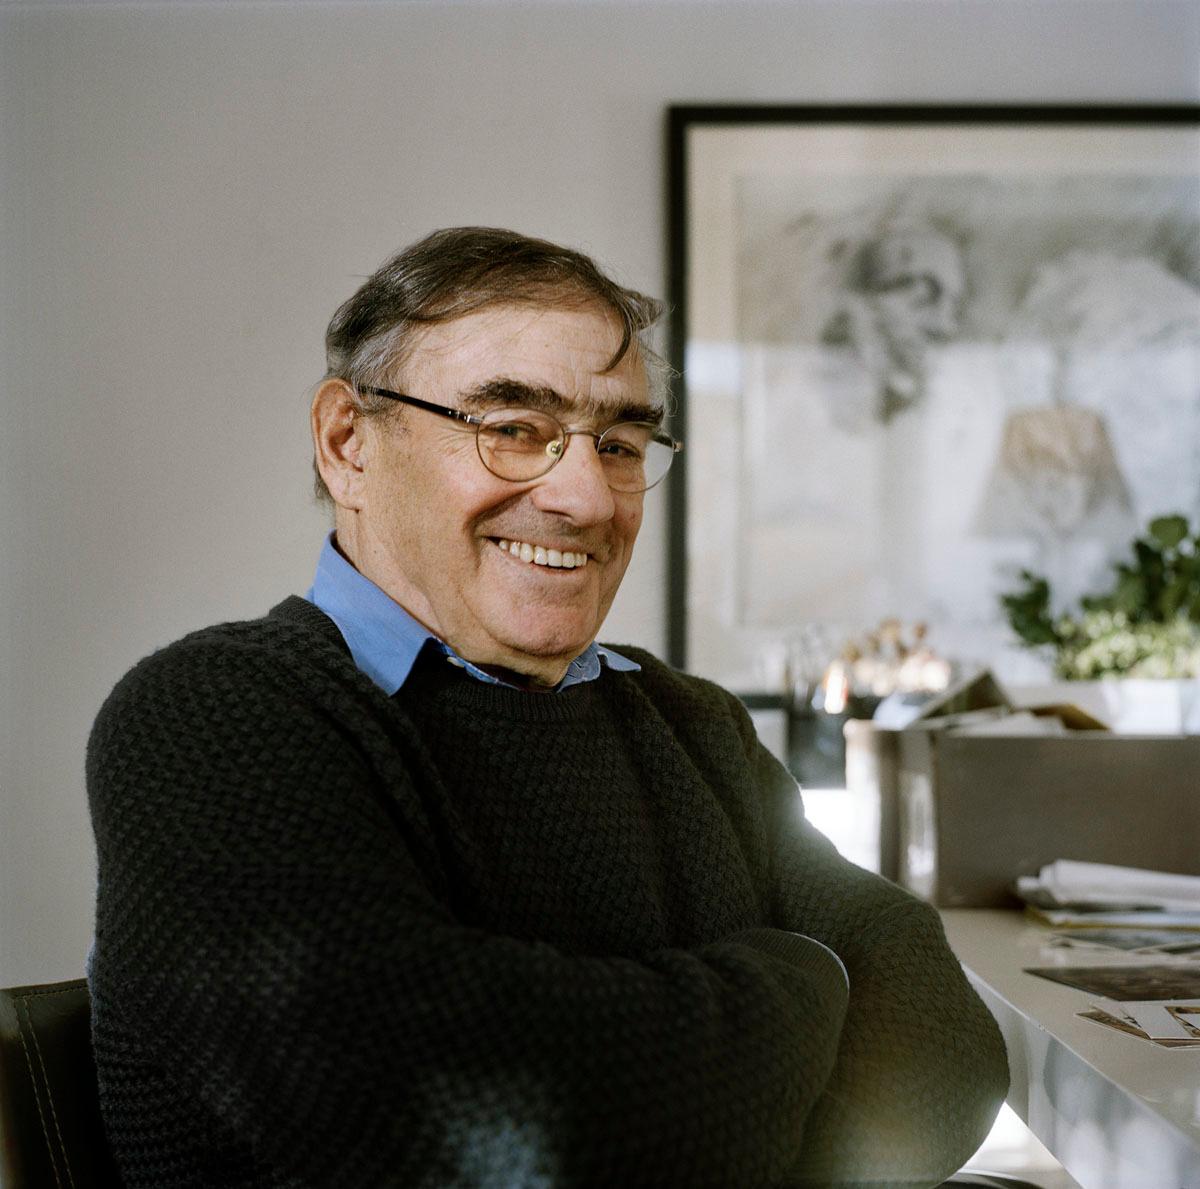 Portrait de Georges Fessy vue en buste de trois-quarts